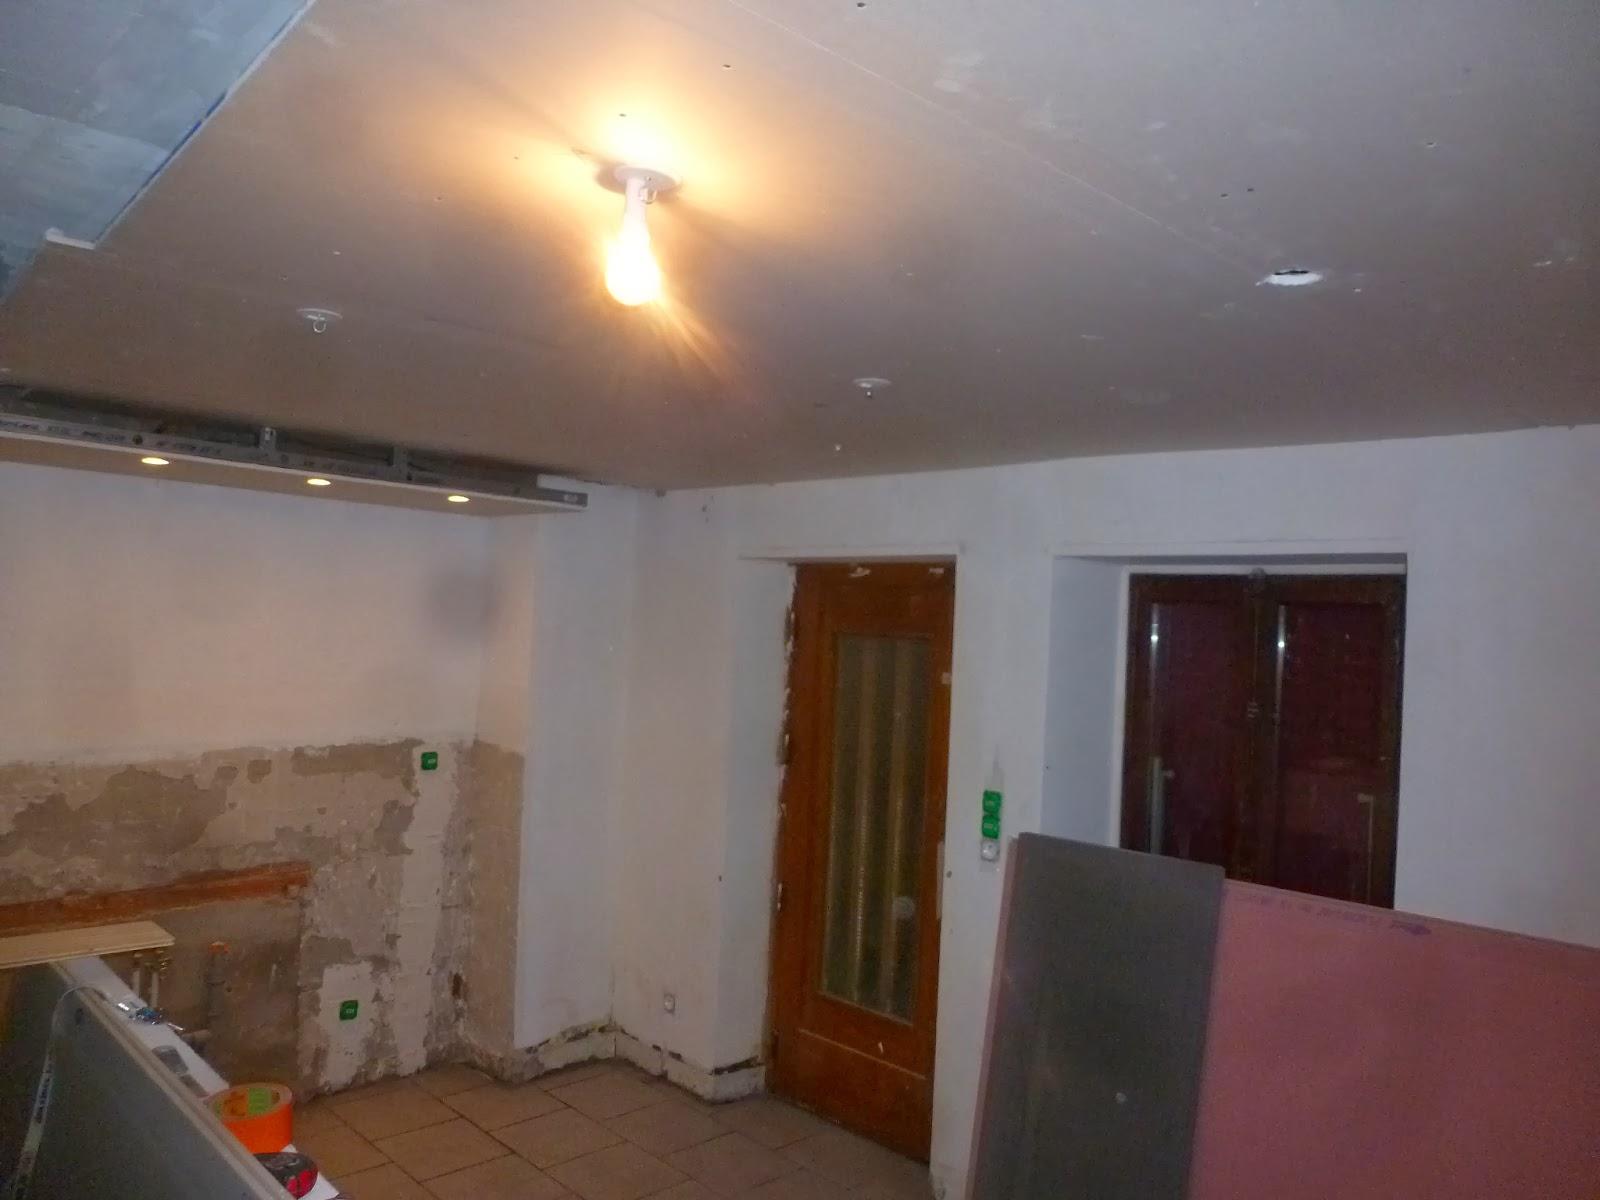 Excellent et transforme cette pice en une vrai future - Faux plafond cuisine ouverte ...